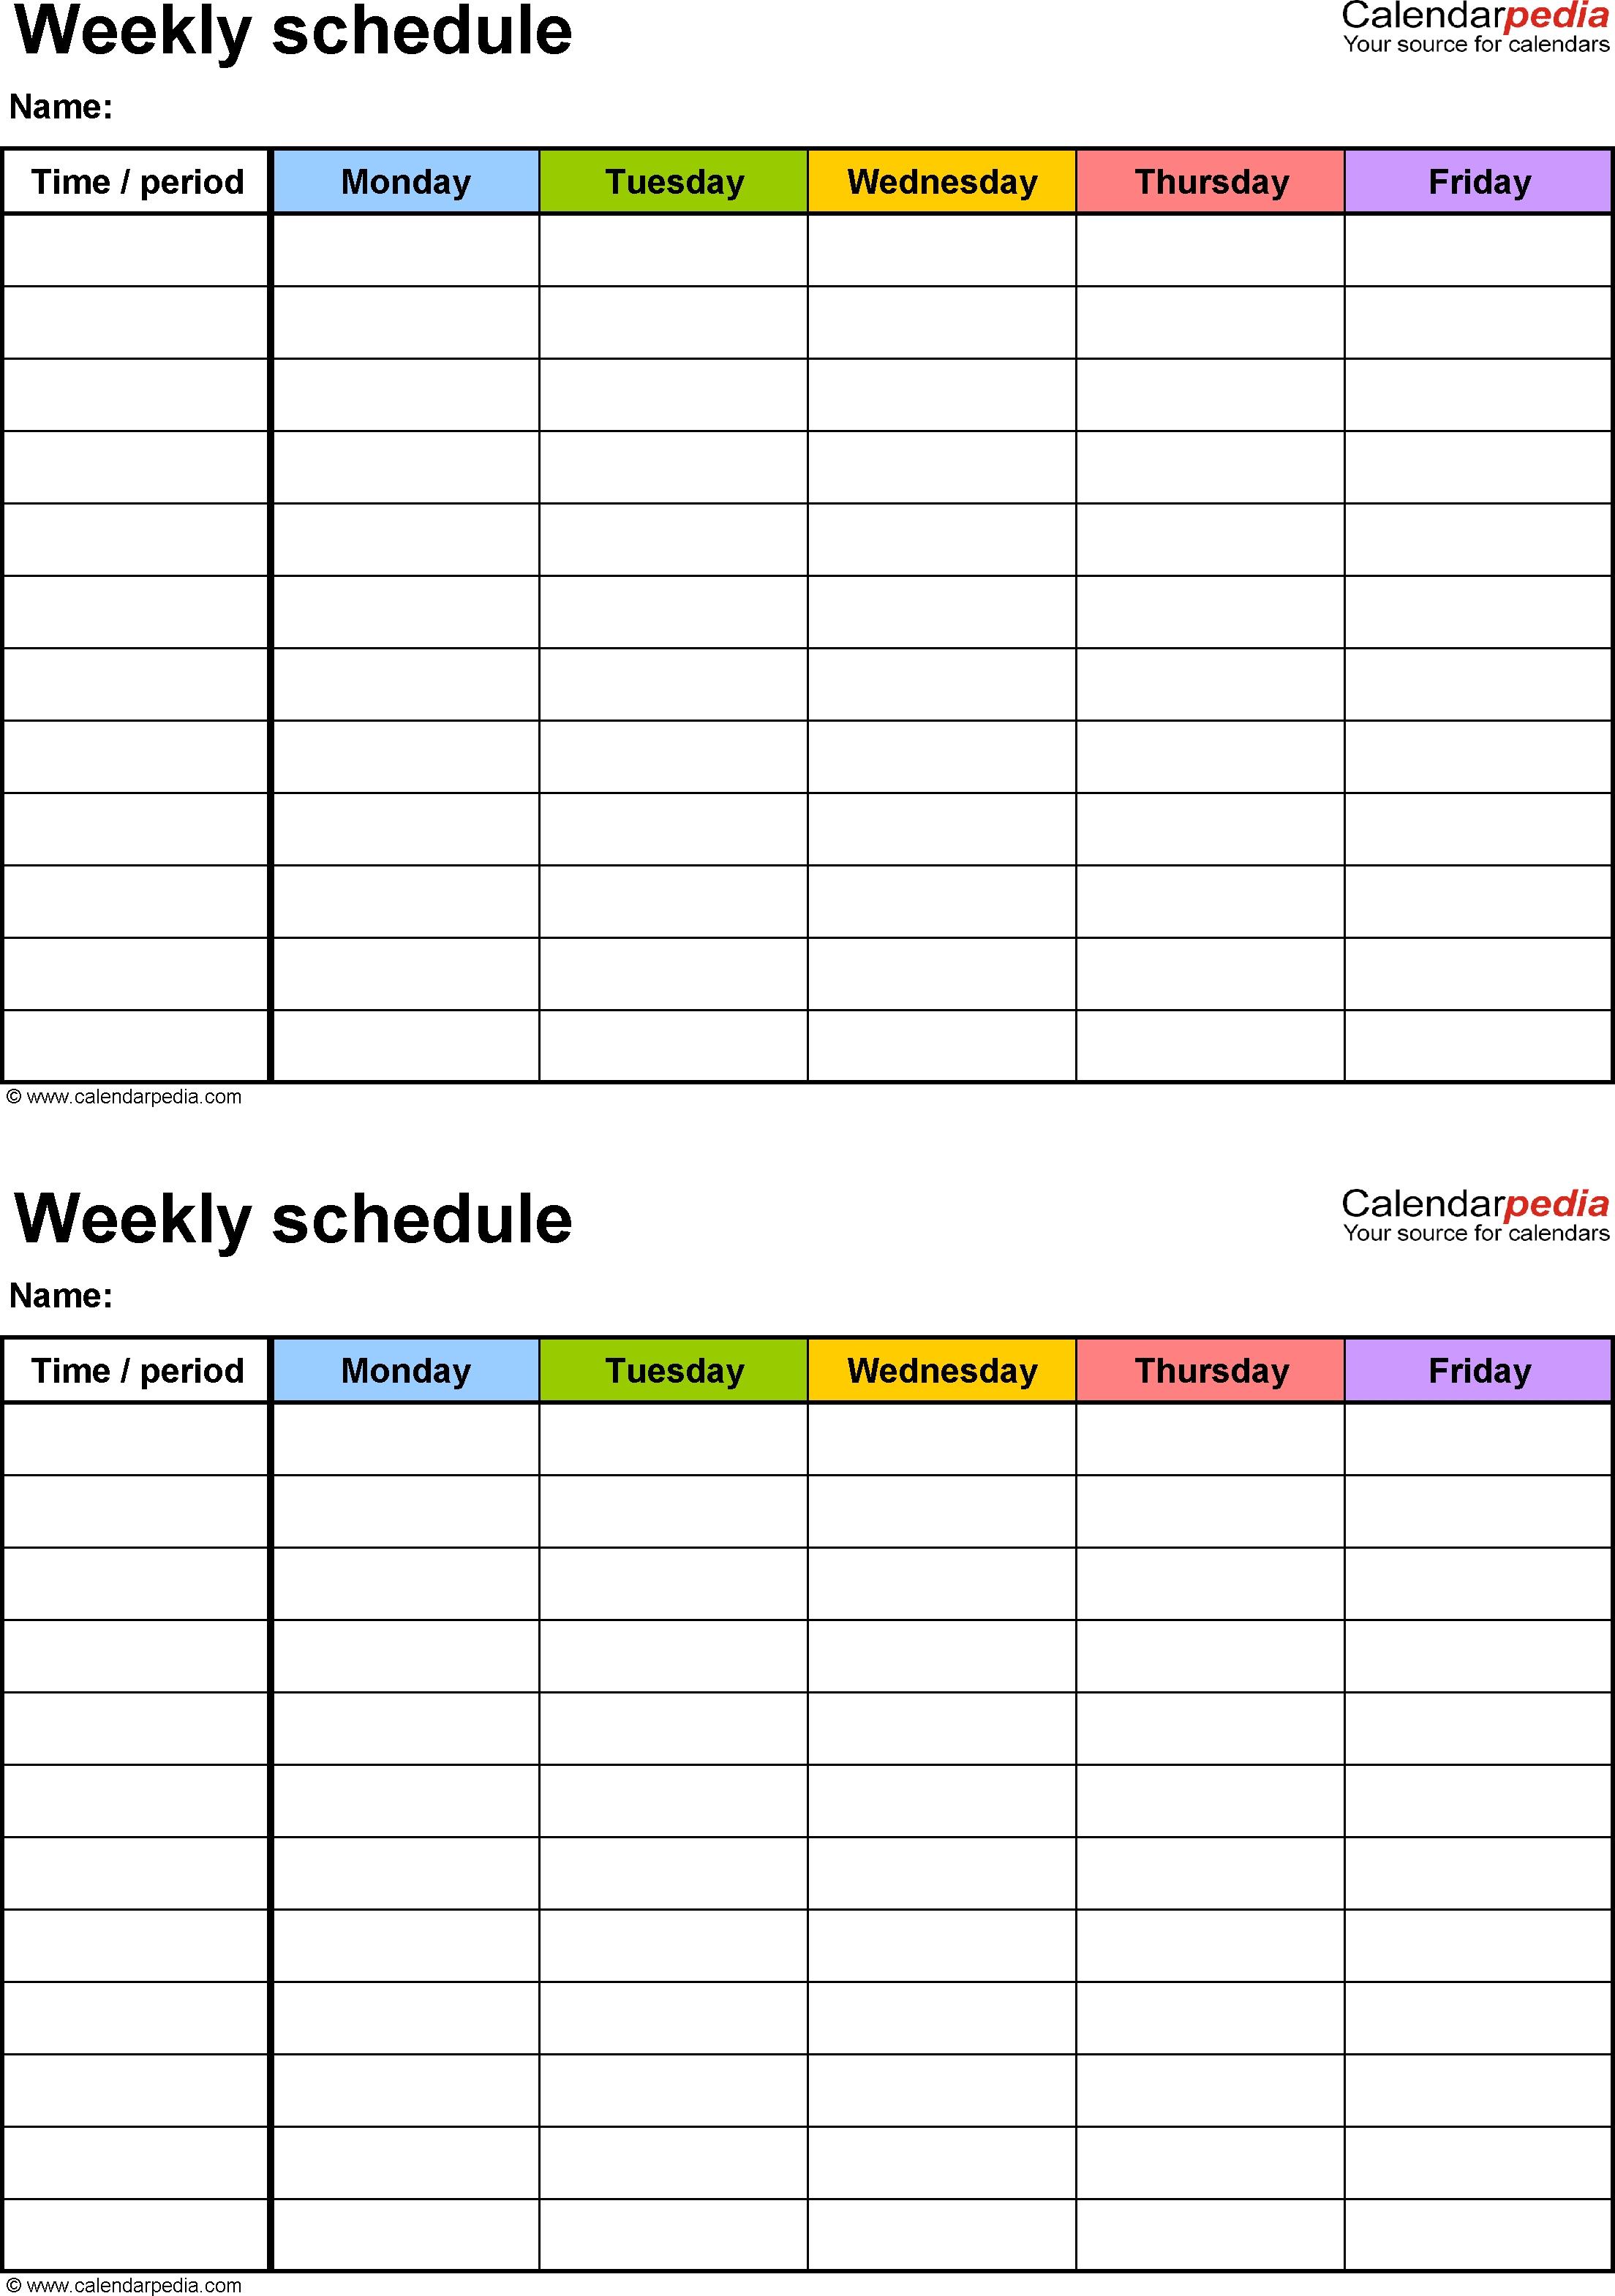 8 Week Blank Calendar Printable | Monthly Printable Calender Blank 8 Week Calendar Printable